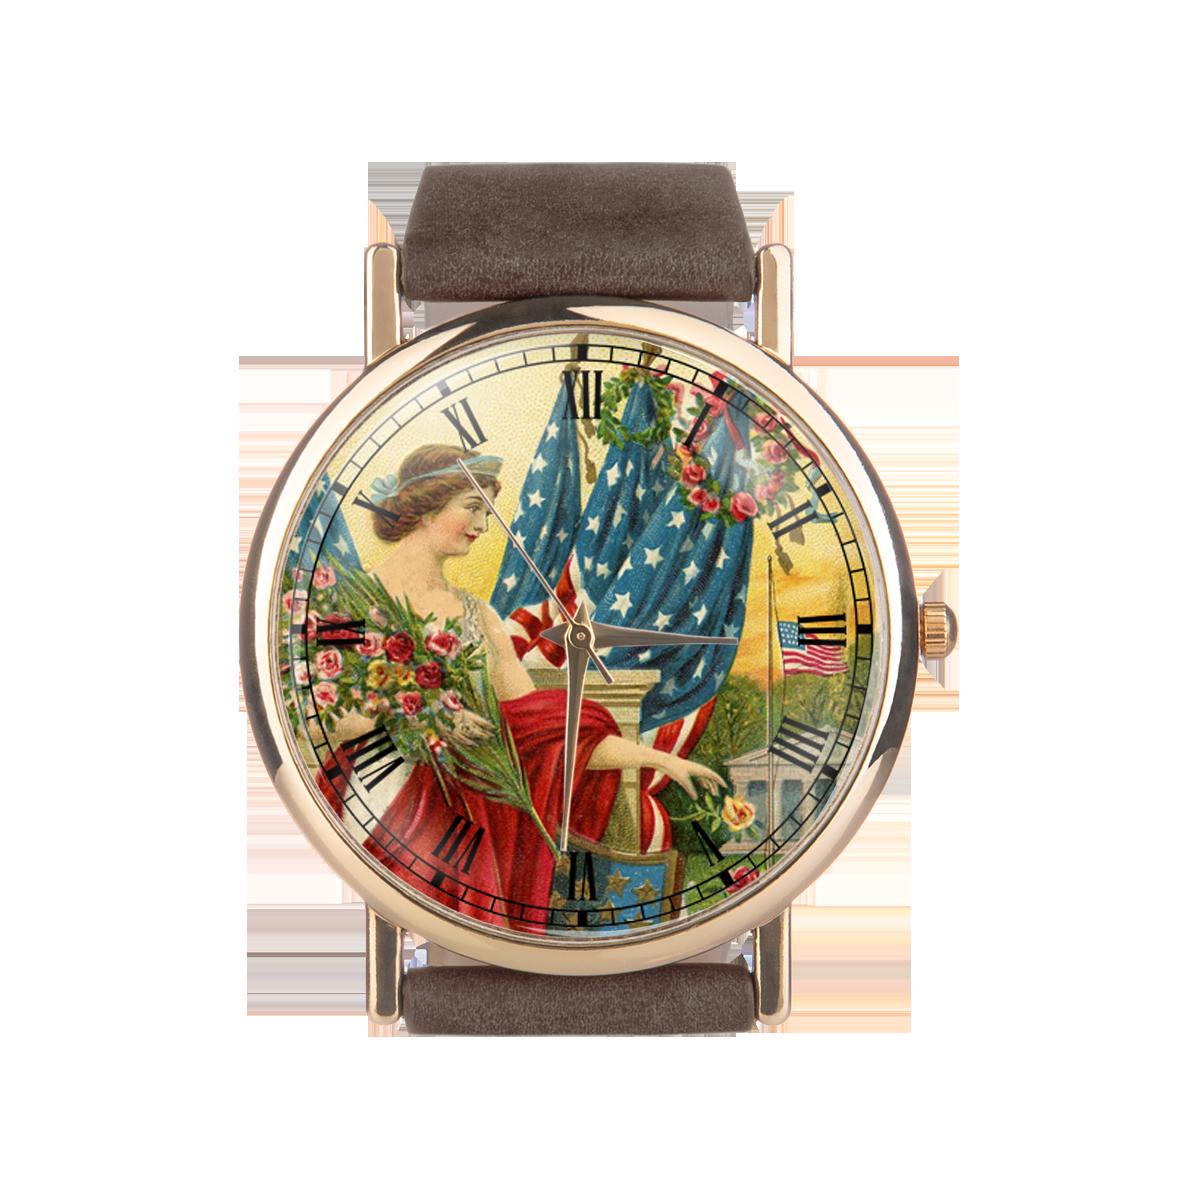 1317abc6ae0a0 Zegarek na pasku VINTAGE damski / męski / unisex / dużo wzorów i kolorów /  zaprojektuj swój wzór/ A00048